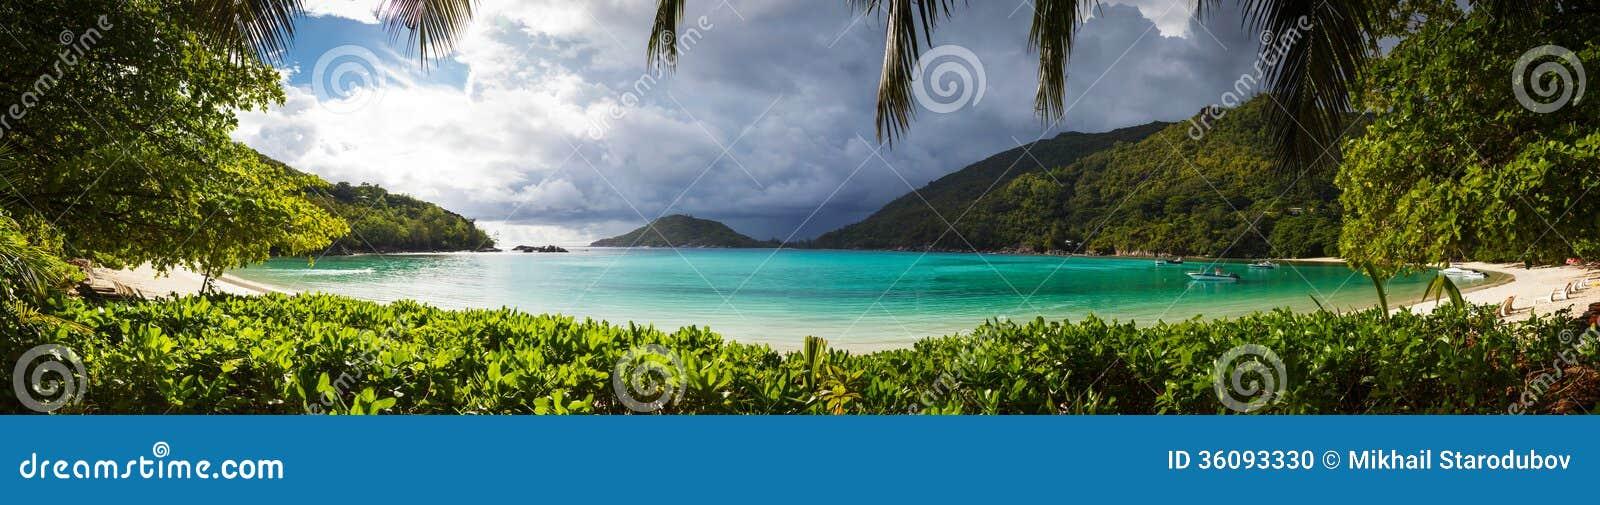 塞舌尔群岛, Mahe海岛